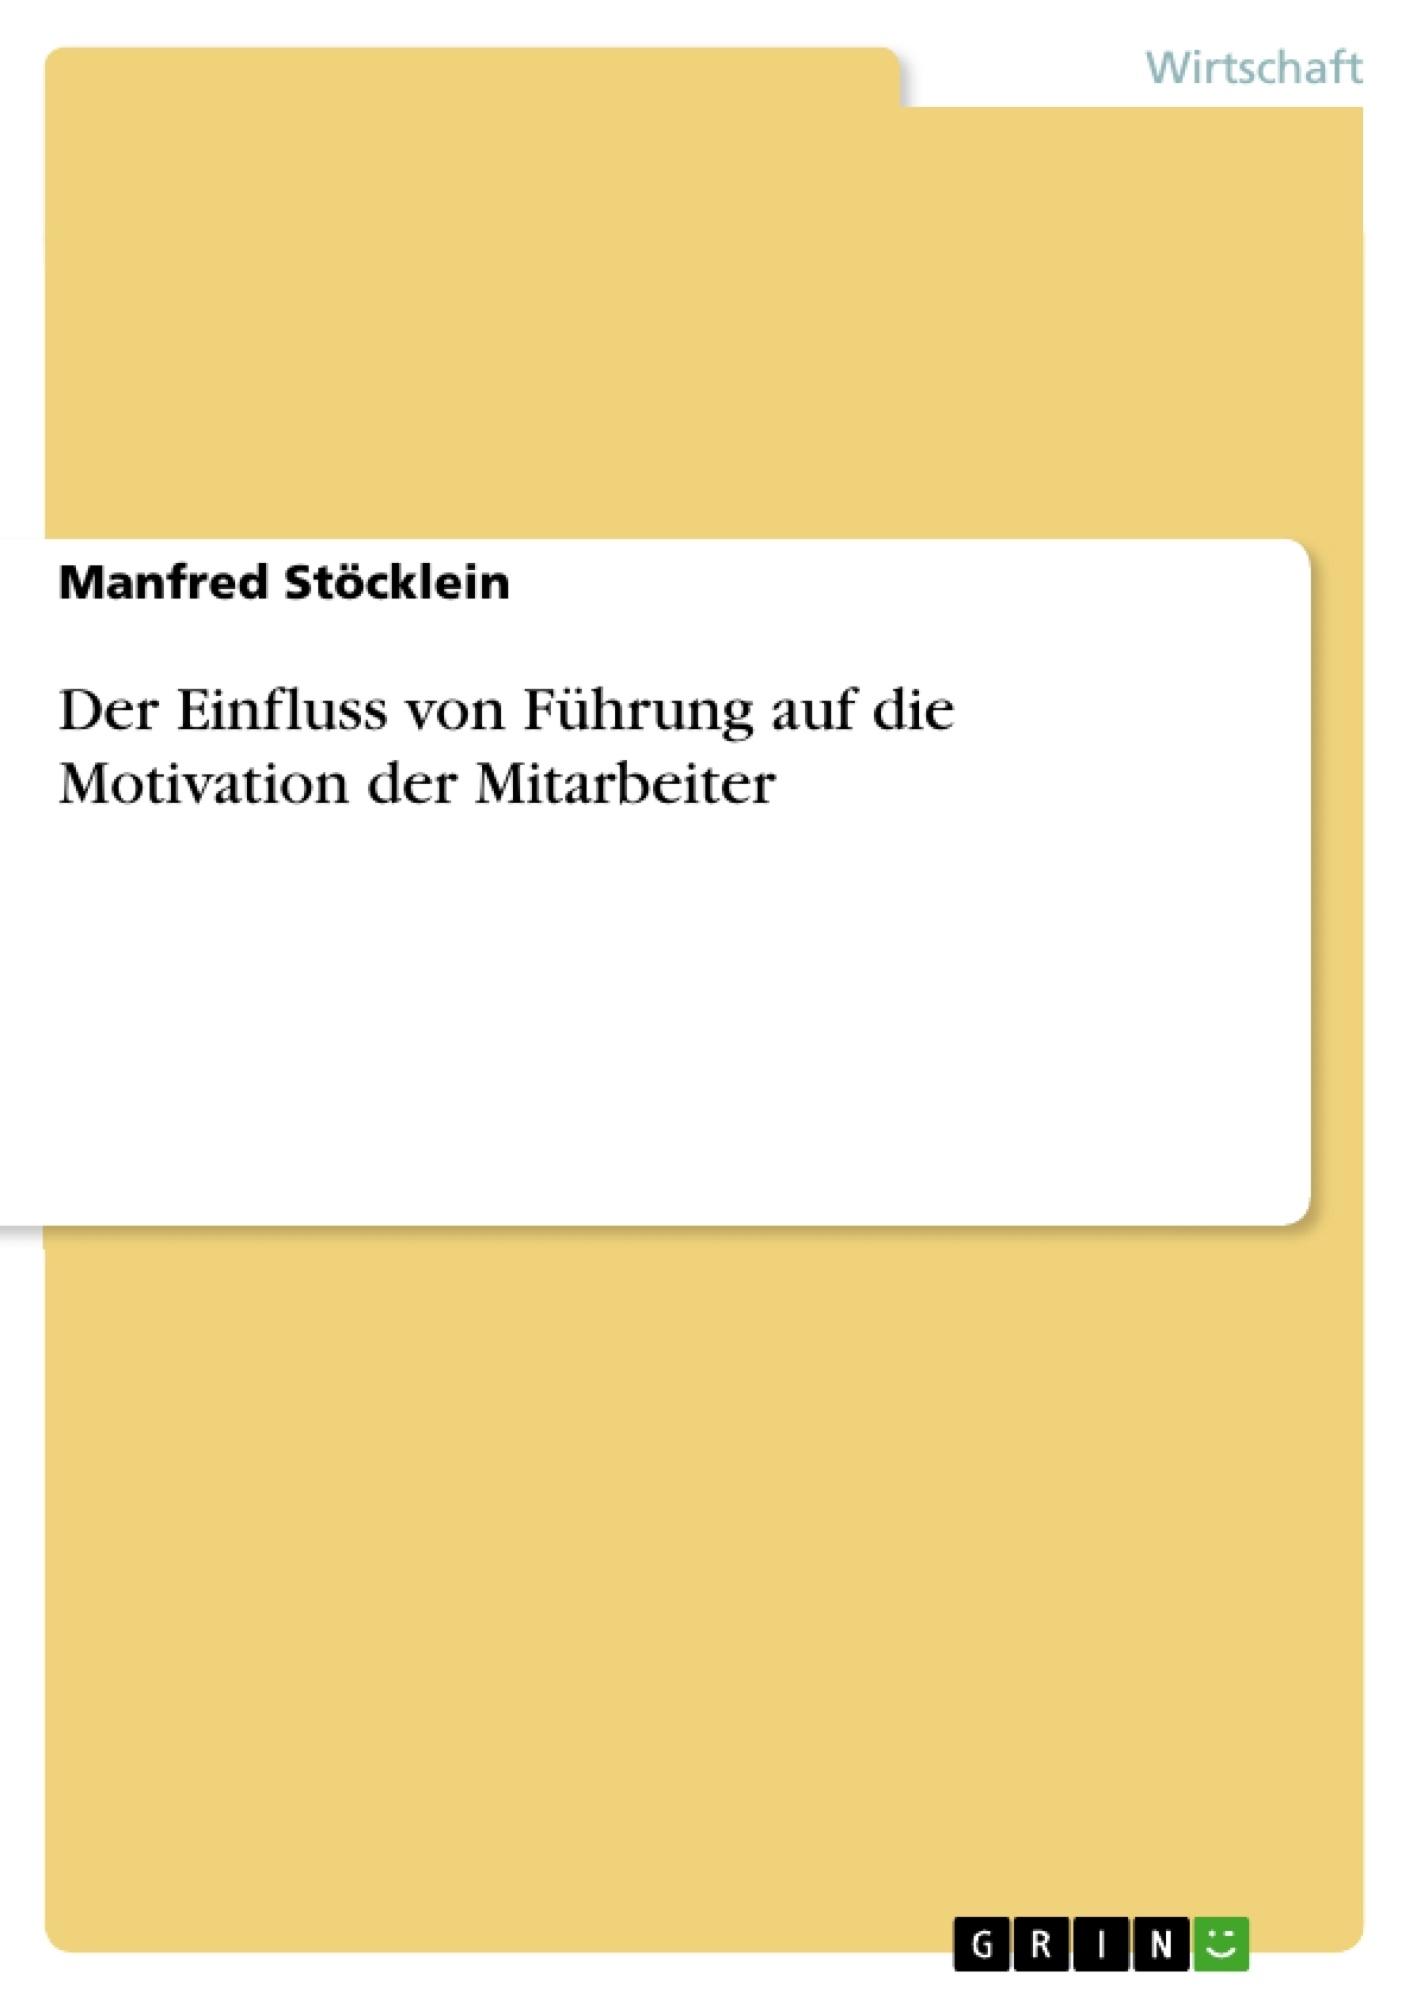 Titel: Der Einfluss von Führung auf die Motivation der Mitarbeiter